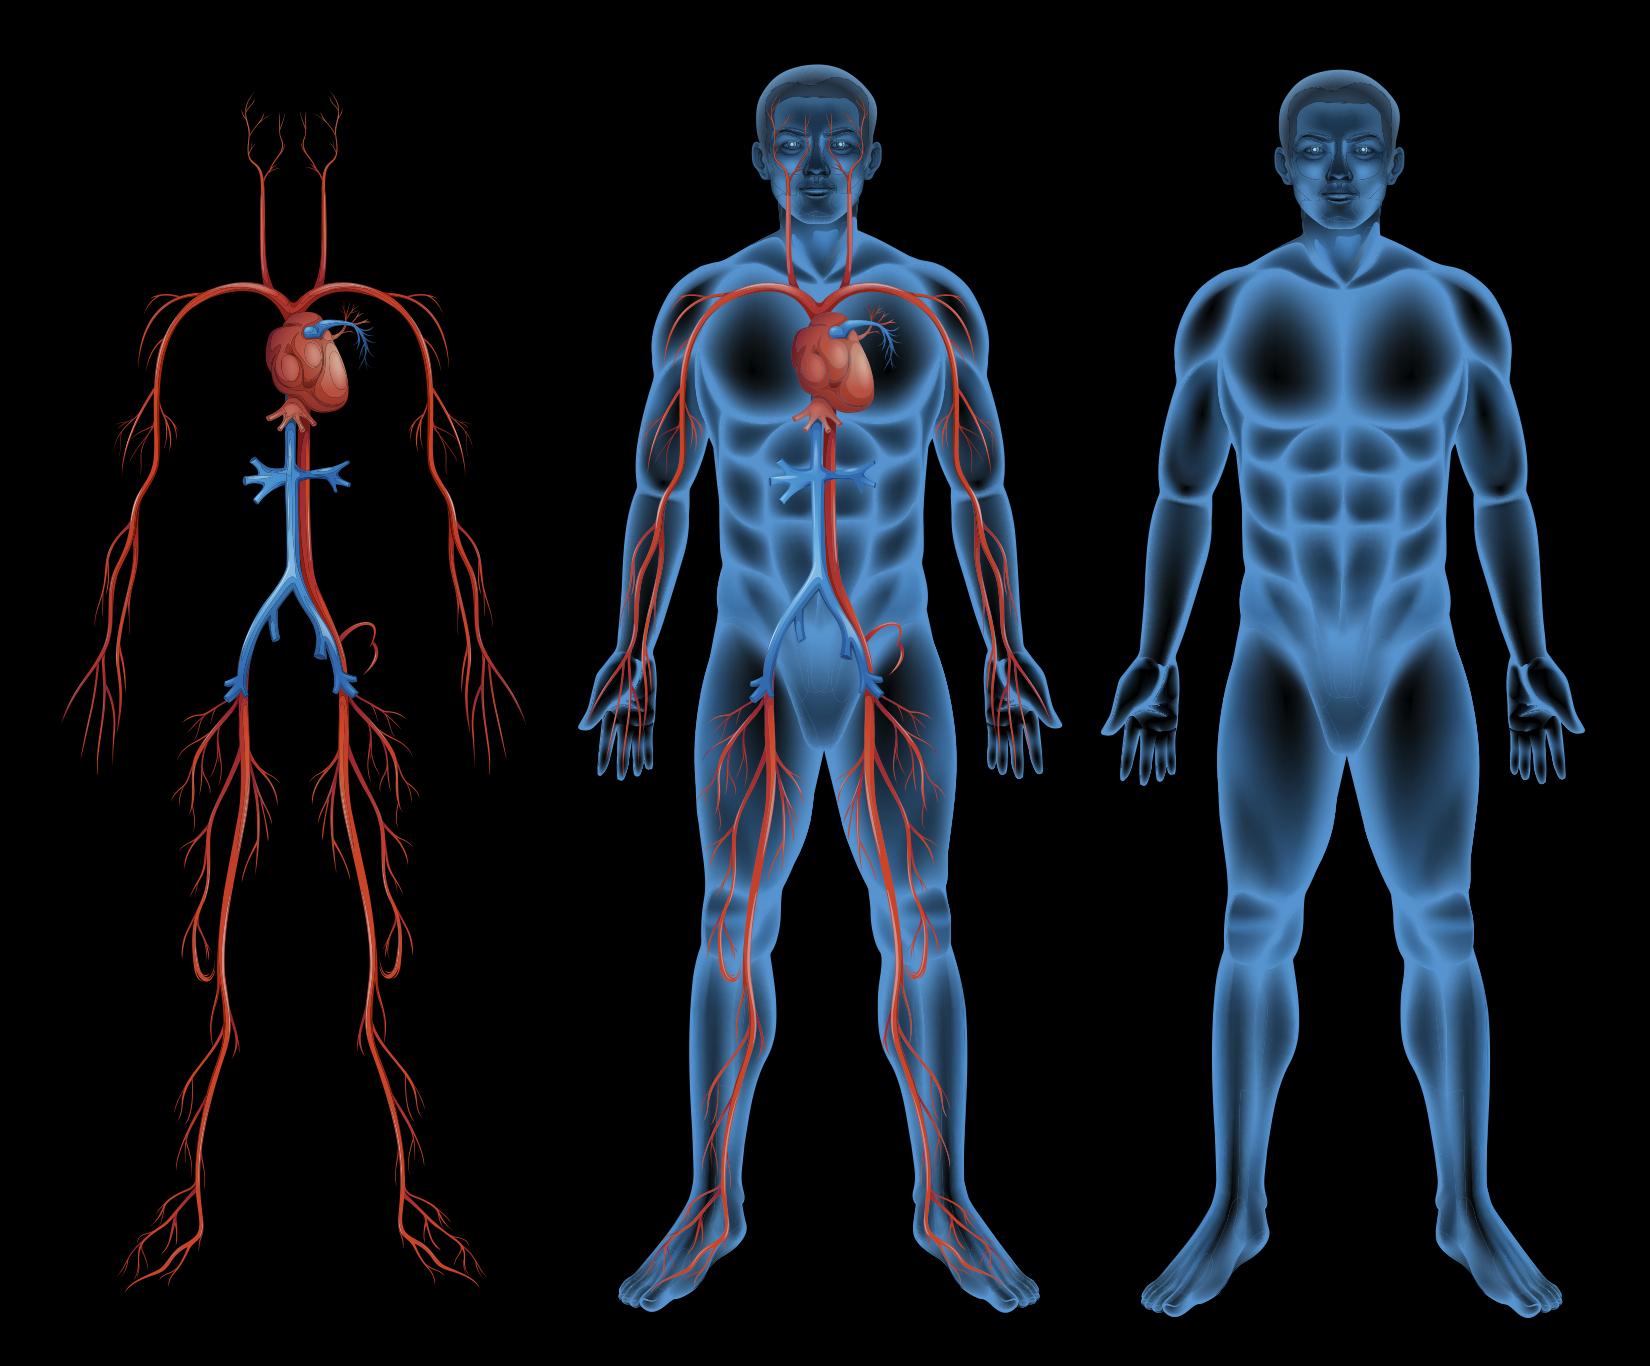 ejercicios para la circulacion dela sangre